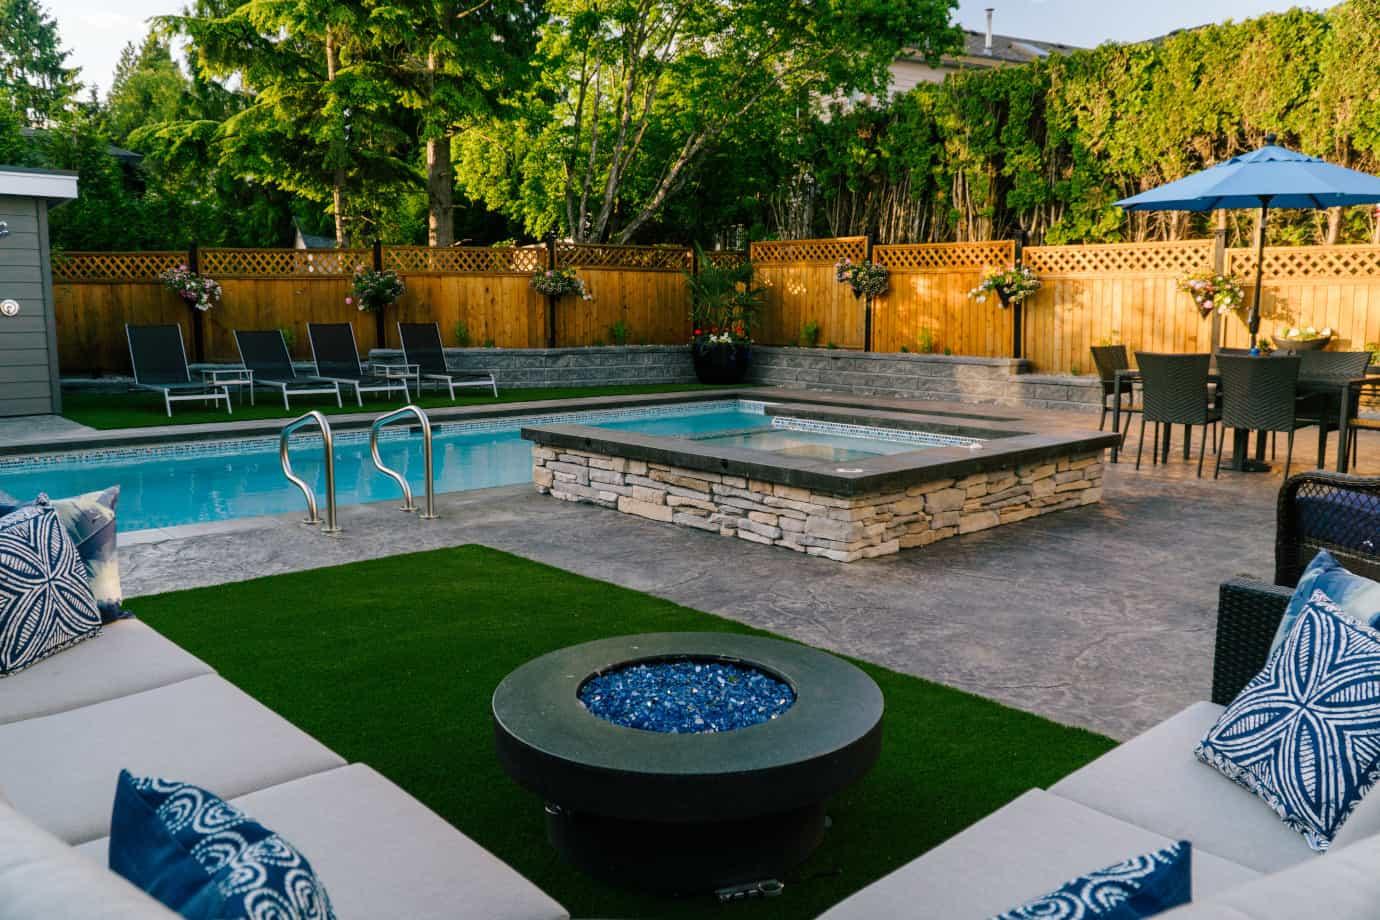 azuro-backyard-design-Hor01